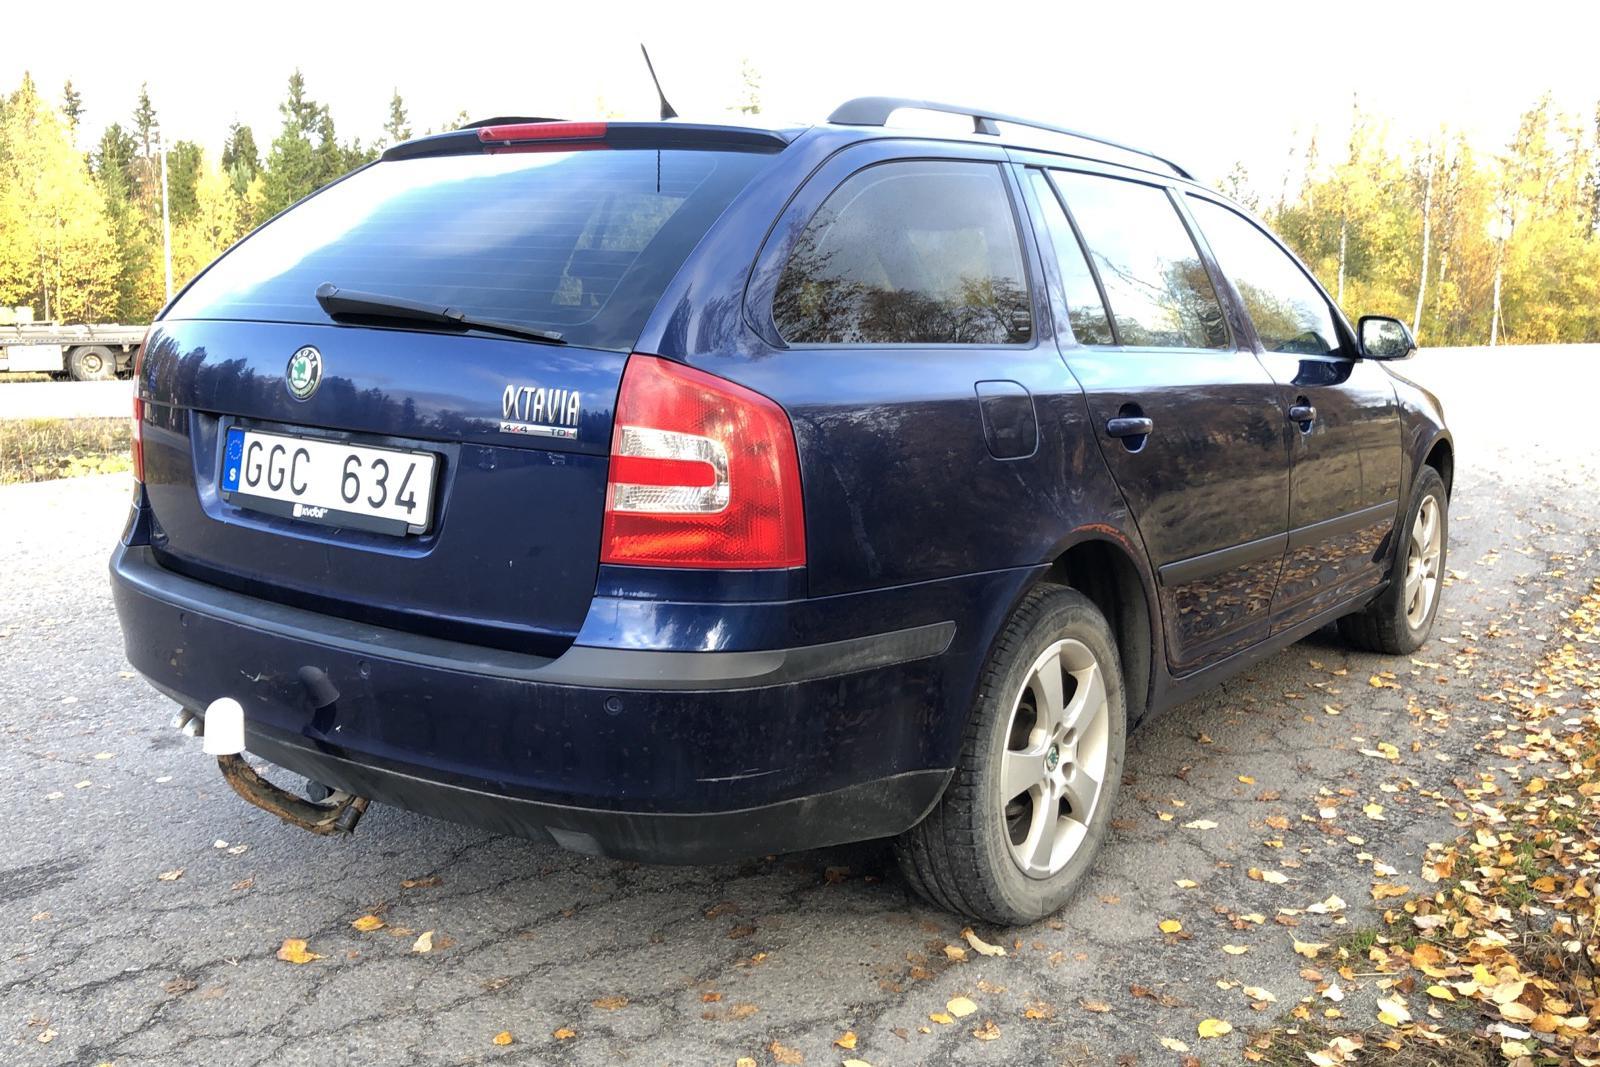 Skoda Octavia II 2.0 TDI Kombi 4X4 (140hk) - 18 800 mil - Manuell - Dark Blue - 2008